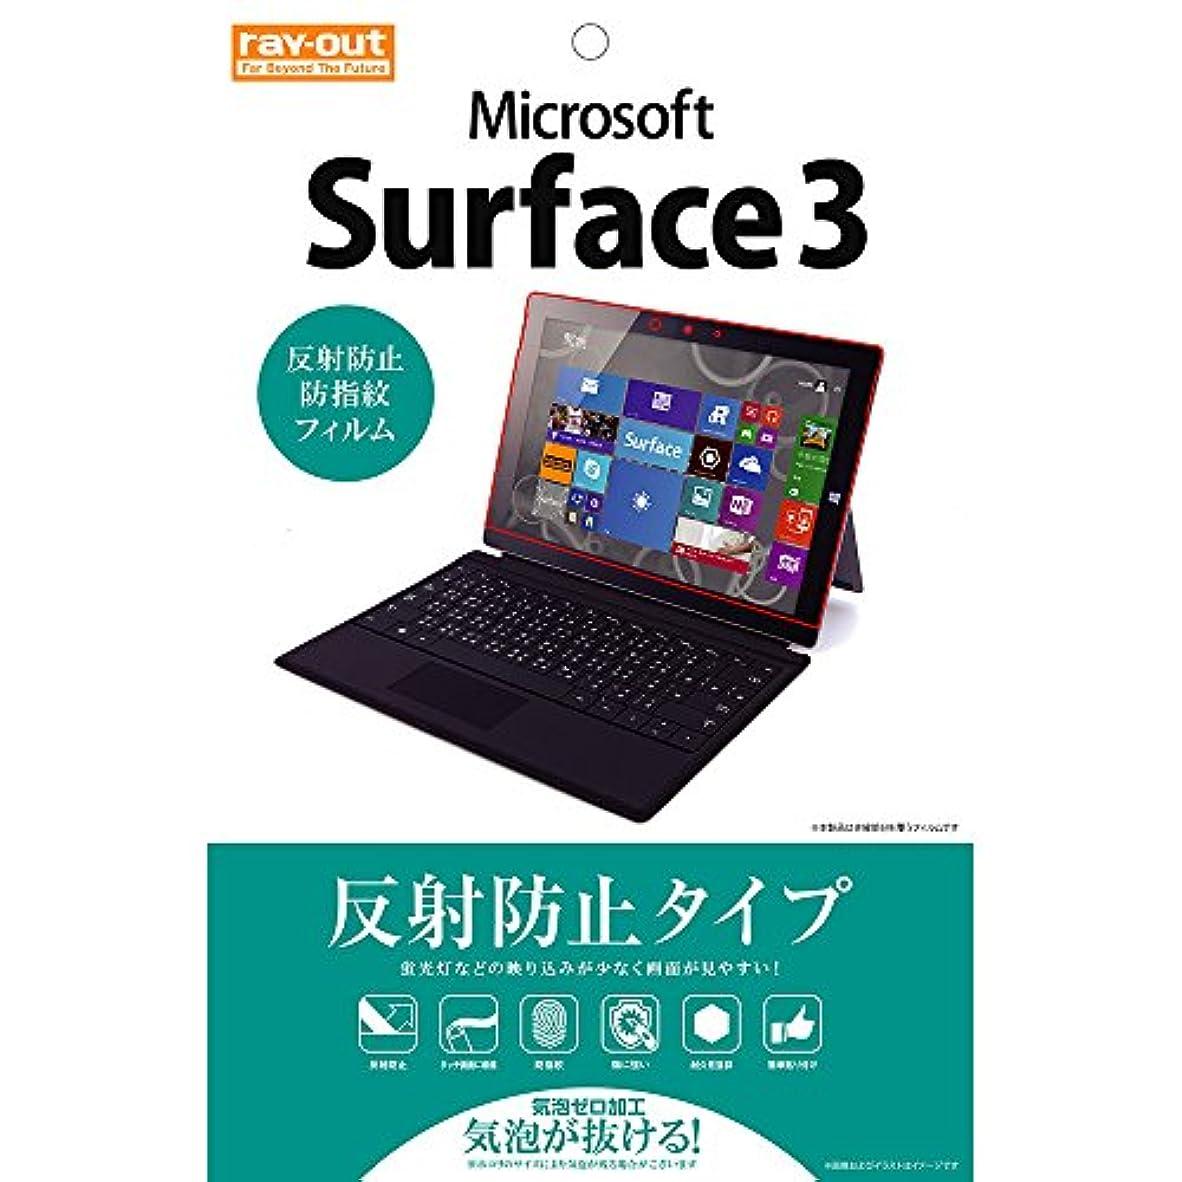 シチリア適度にきつくレイ?アウト Microsoft Surface 3 反射防止?防指紋フィルム RT-SF3F/B1